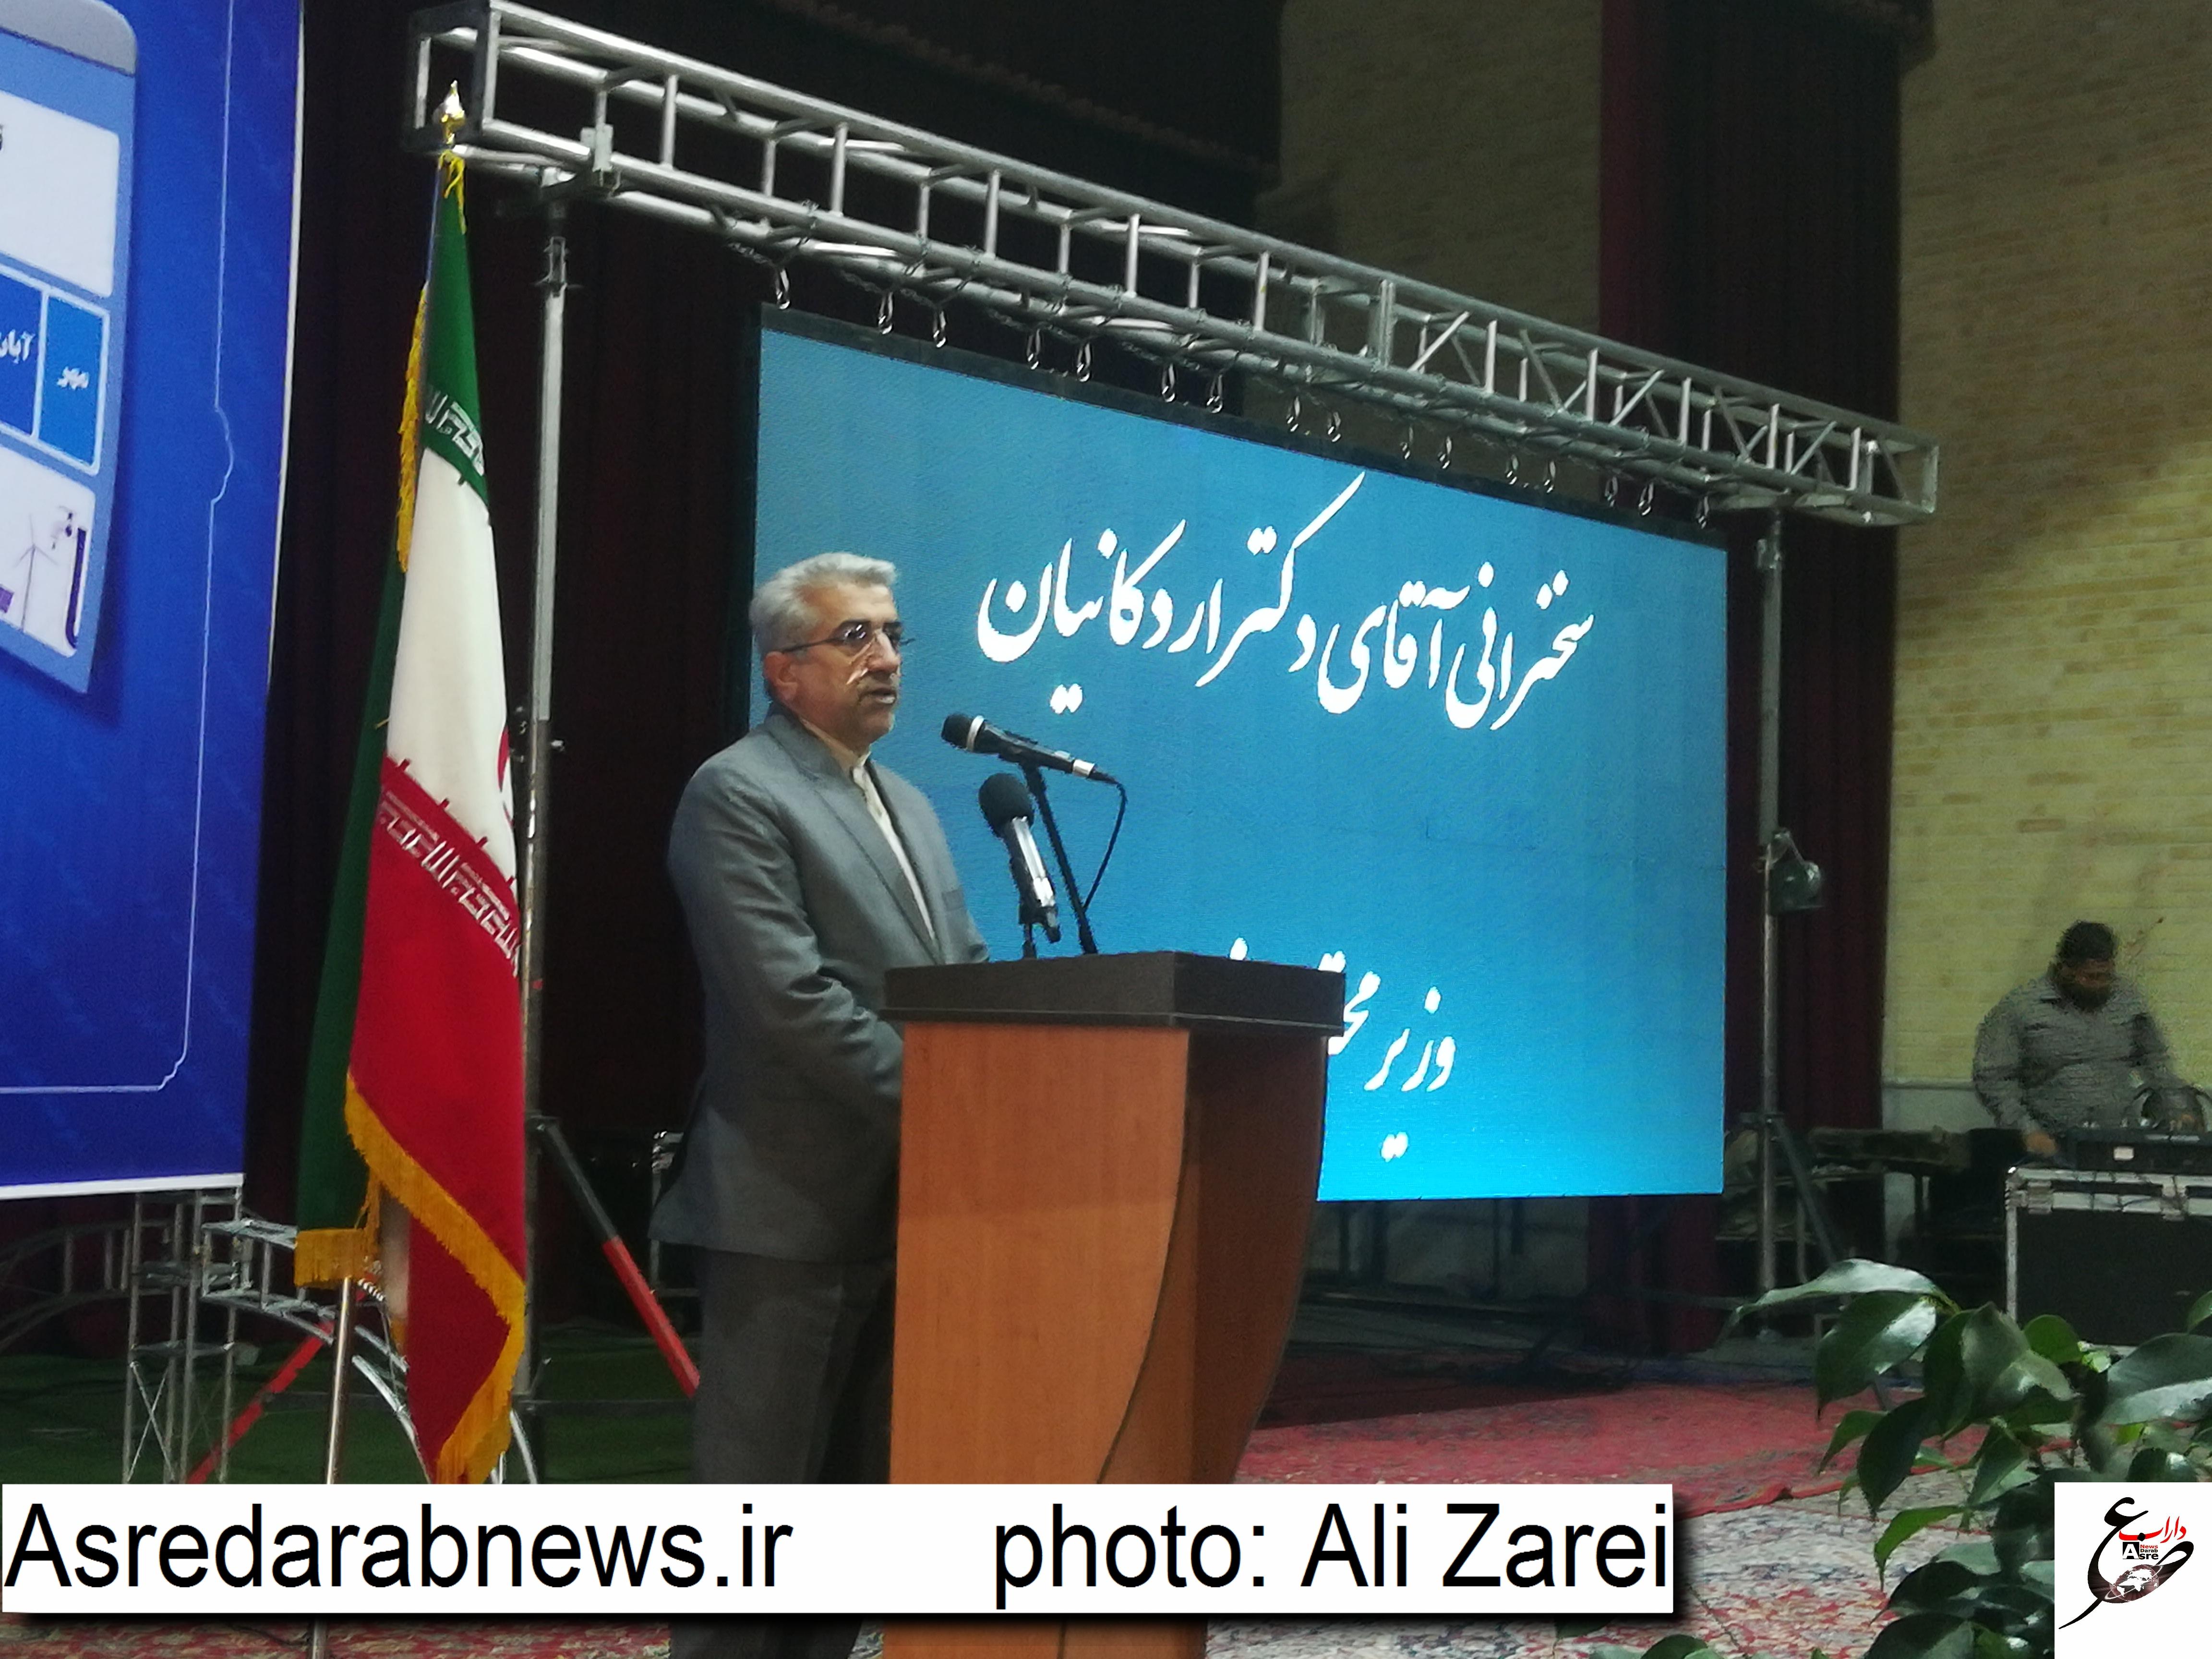 با حضور وزیر نیرو؛فاز اول تصفیهخانه طرح آبرسانی به داراب با ۱۲۰ میلیارد تومان اعتبار افتتاح شد